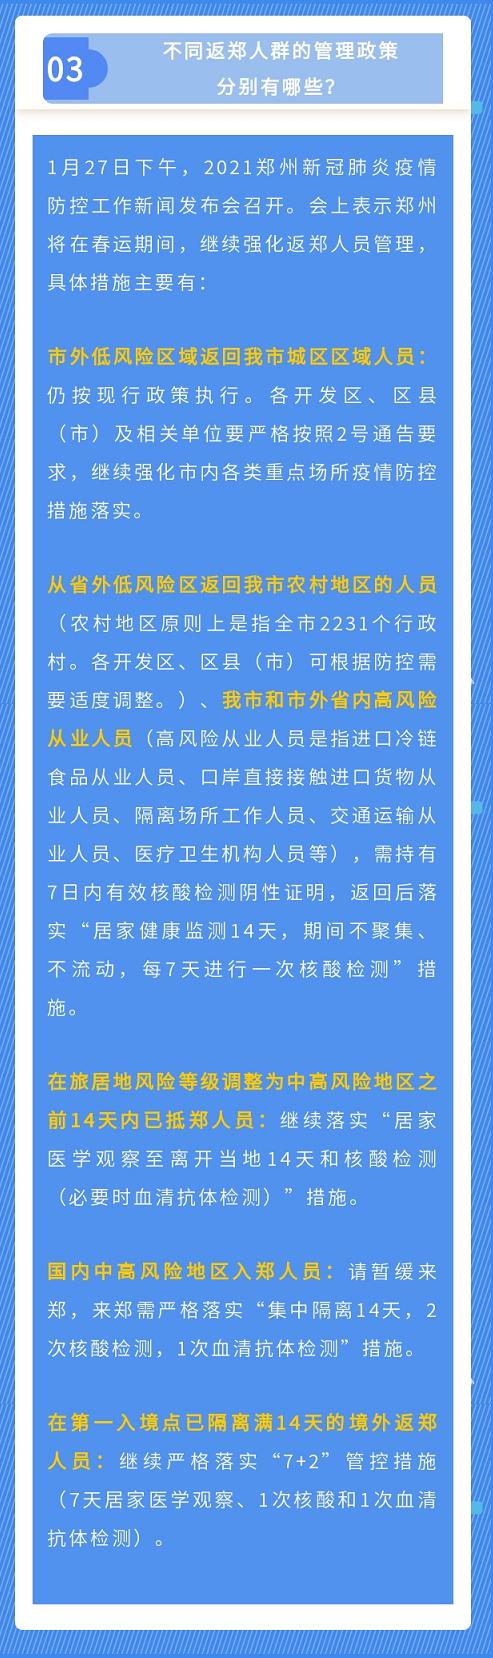 @返郑的你,《返郑人员登记管理系统》上线,一文了解